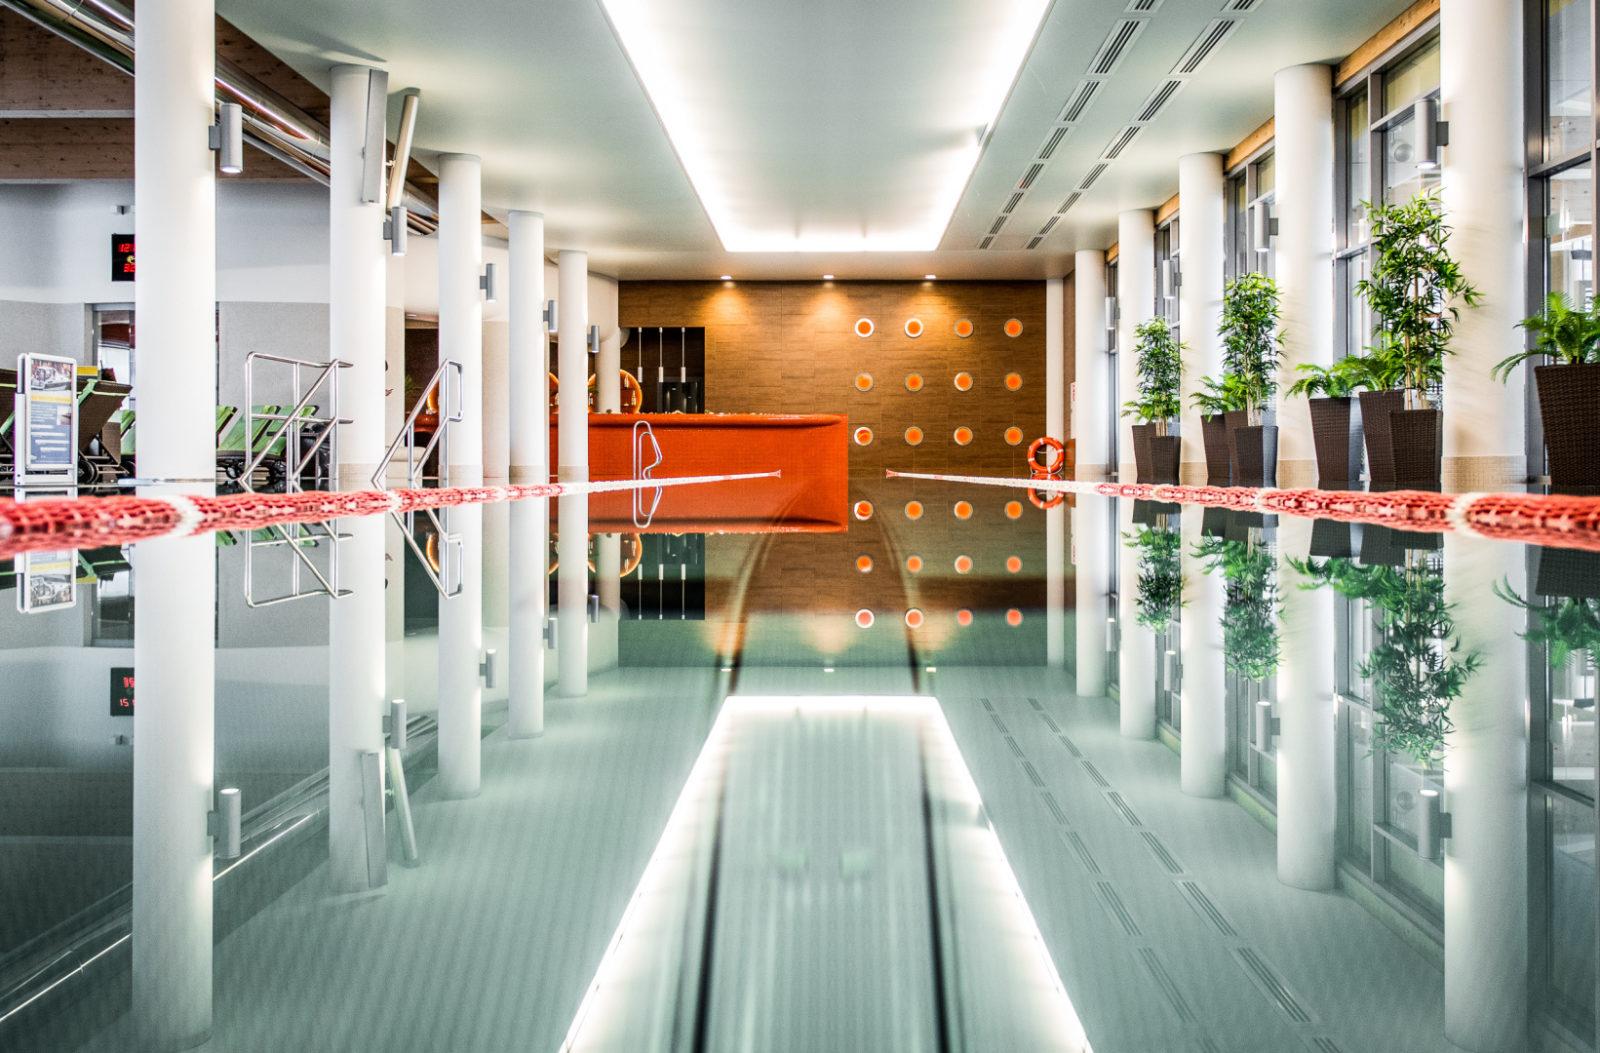 basen pływacki 25 m w Kołobrzegu